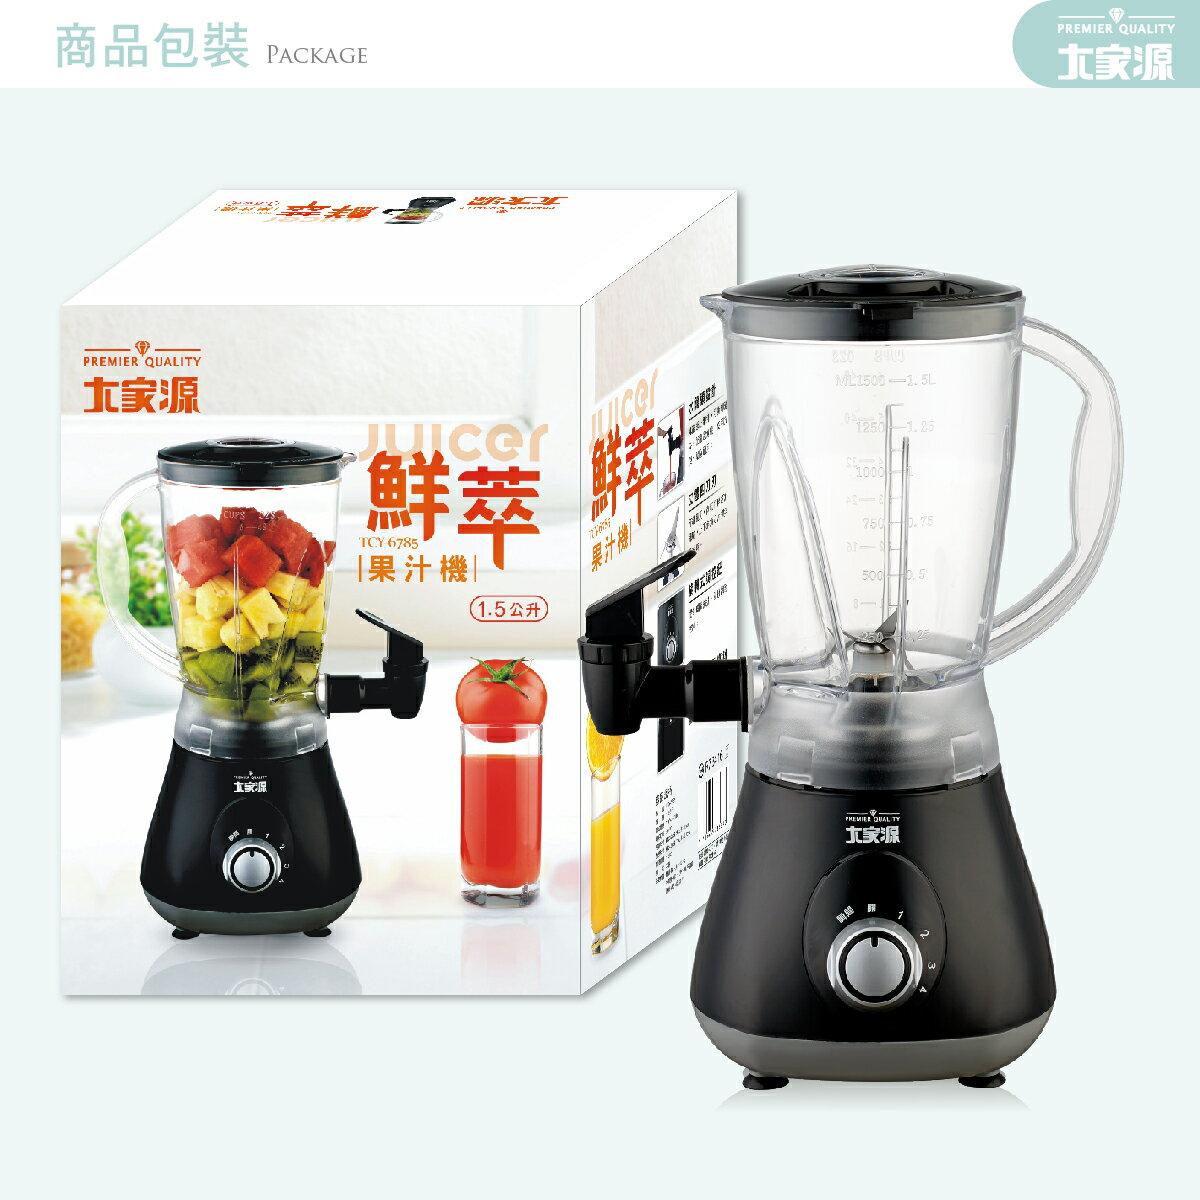 (免運費)大家源 鮮萃果汁機 1.5公升 果汁機 蔬果機 料理機 攪拌機 調理機 豆漿機 TCY-6785